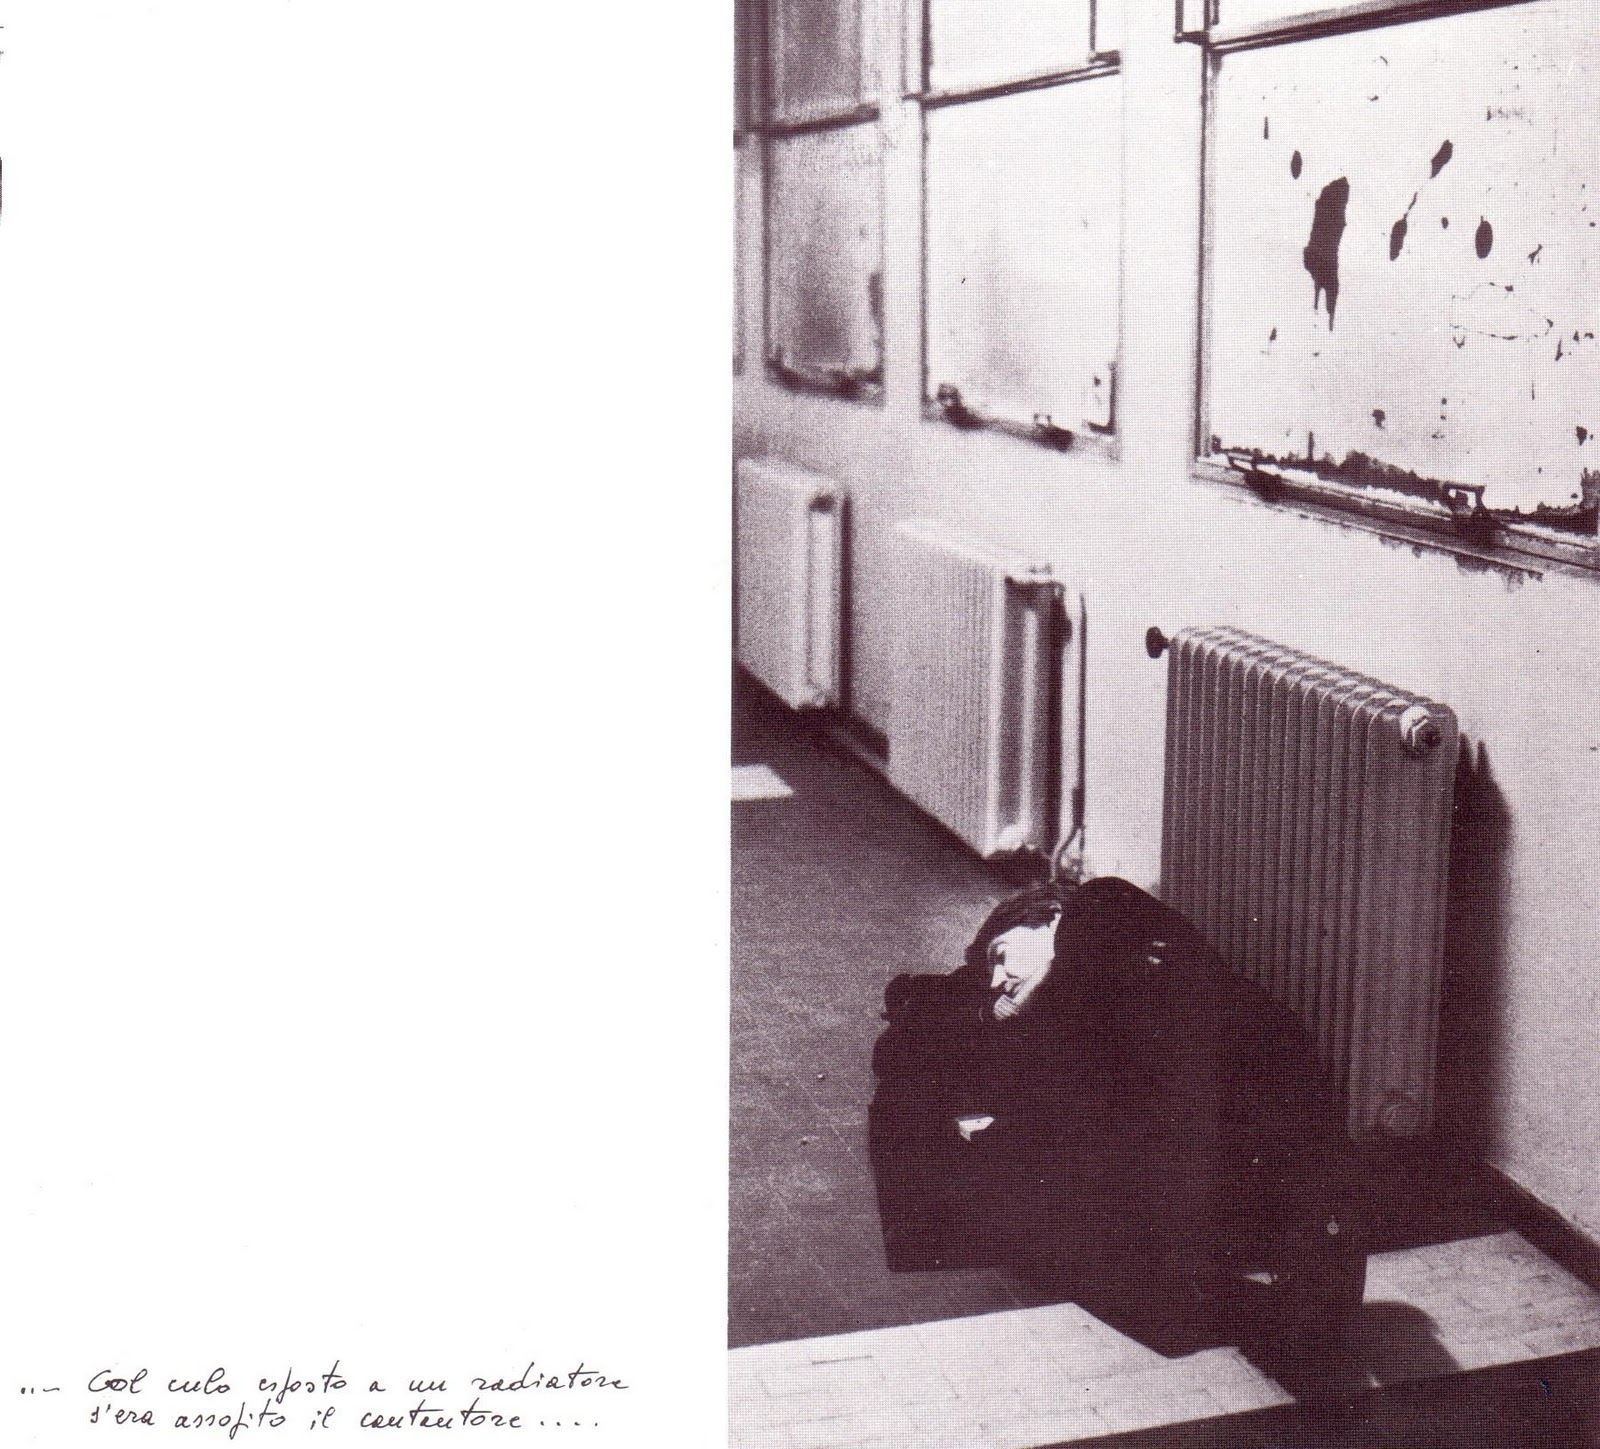 col culo esposto a un radiatore s era assopito il cantautore